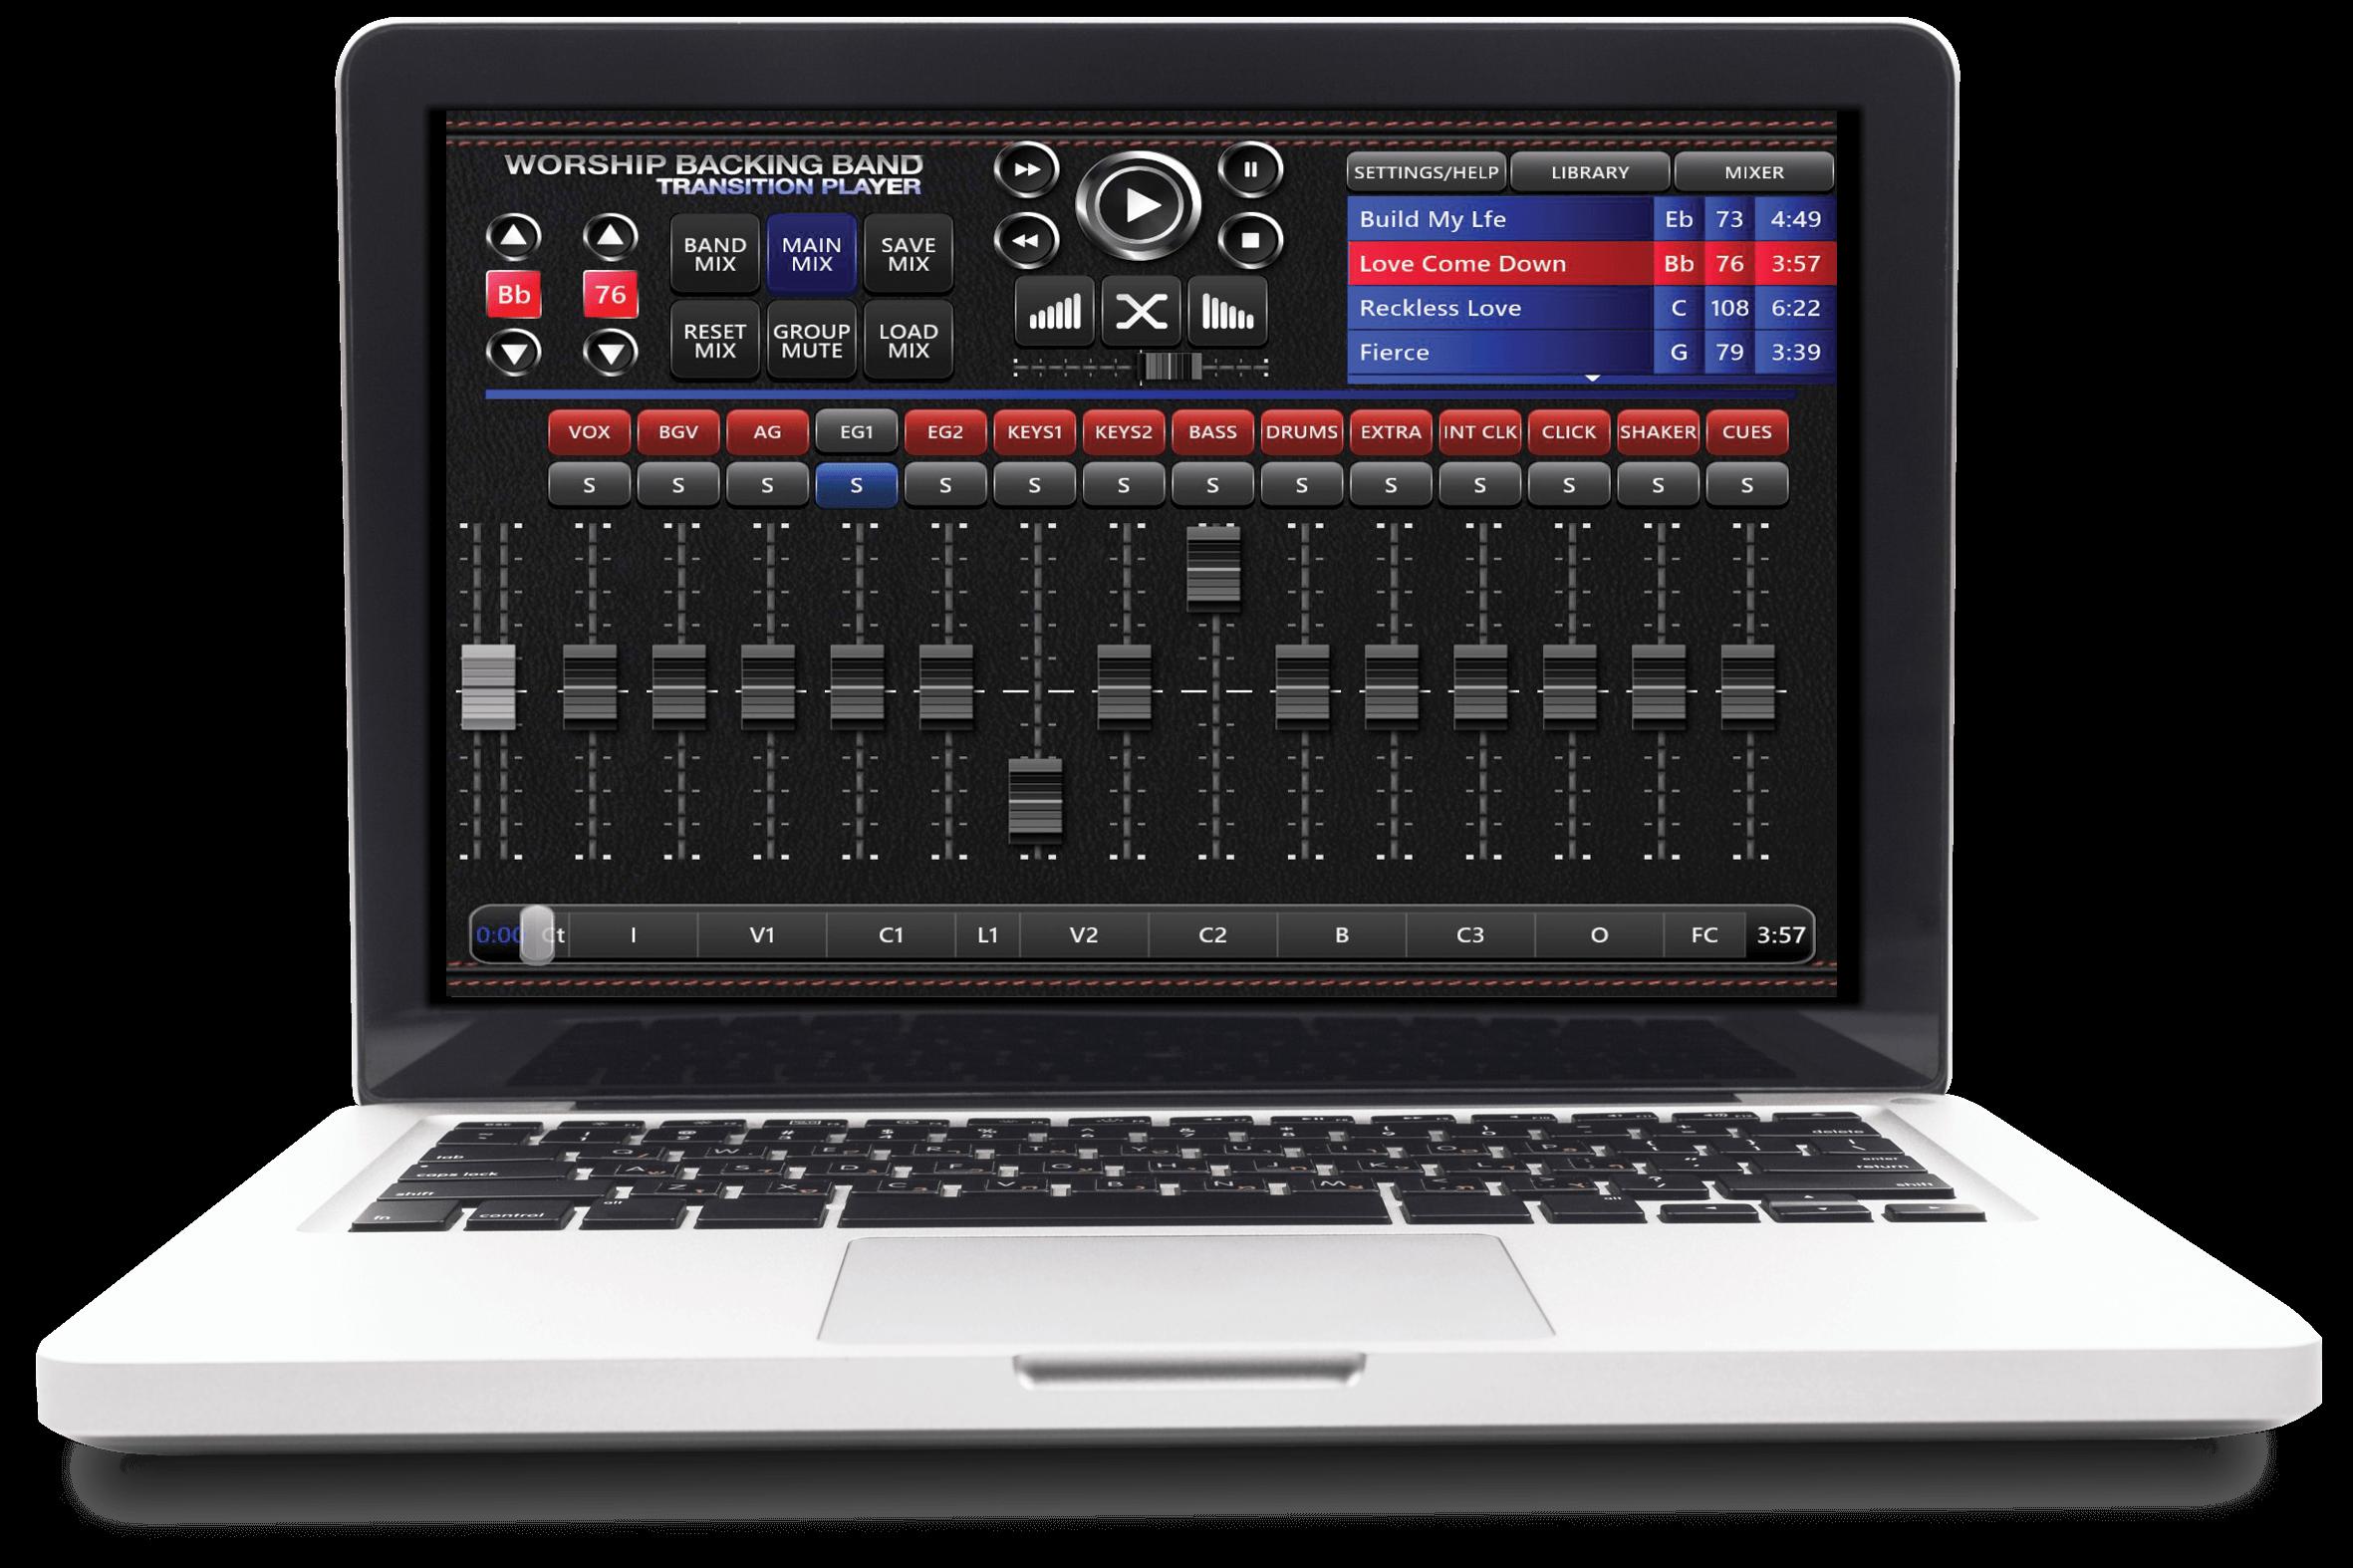 Worship-Backing-Band-MultiTrack-Player